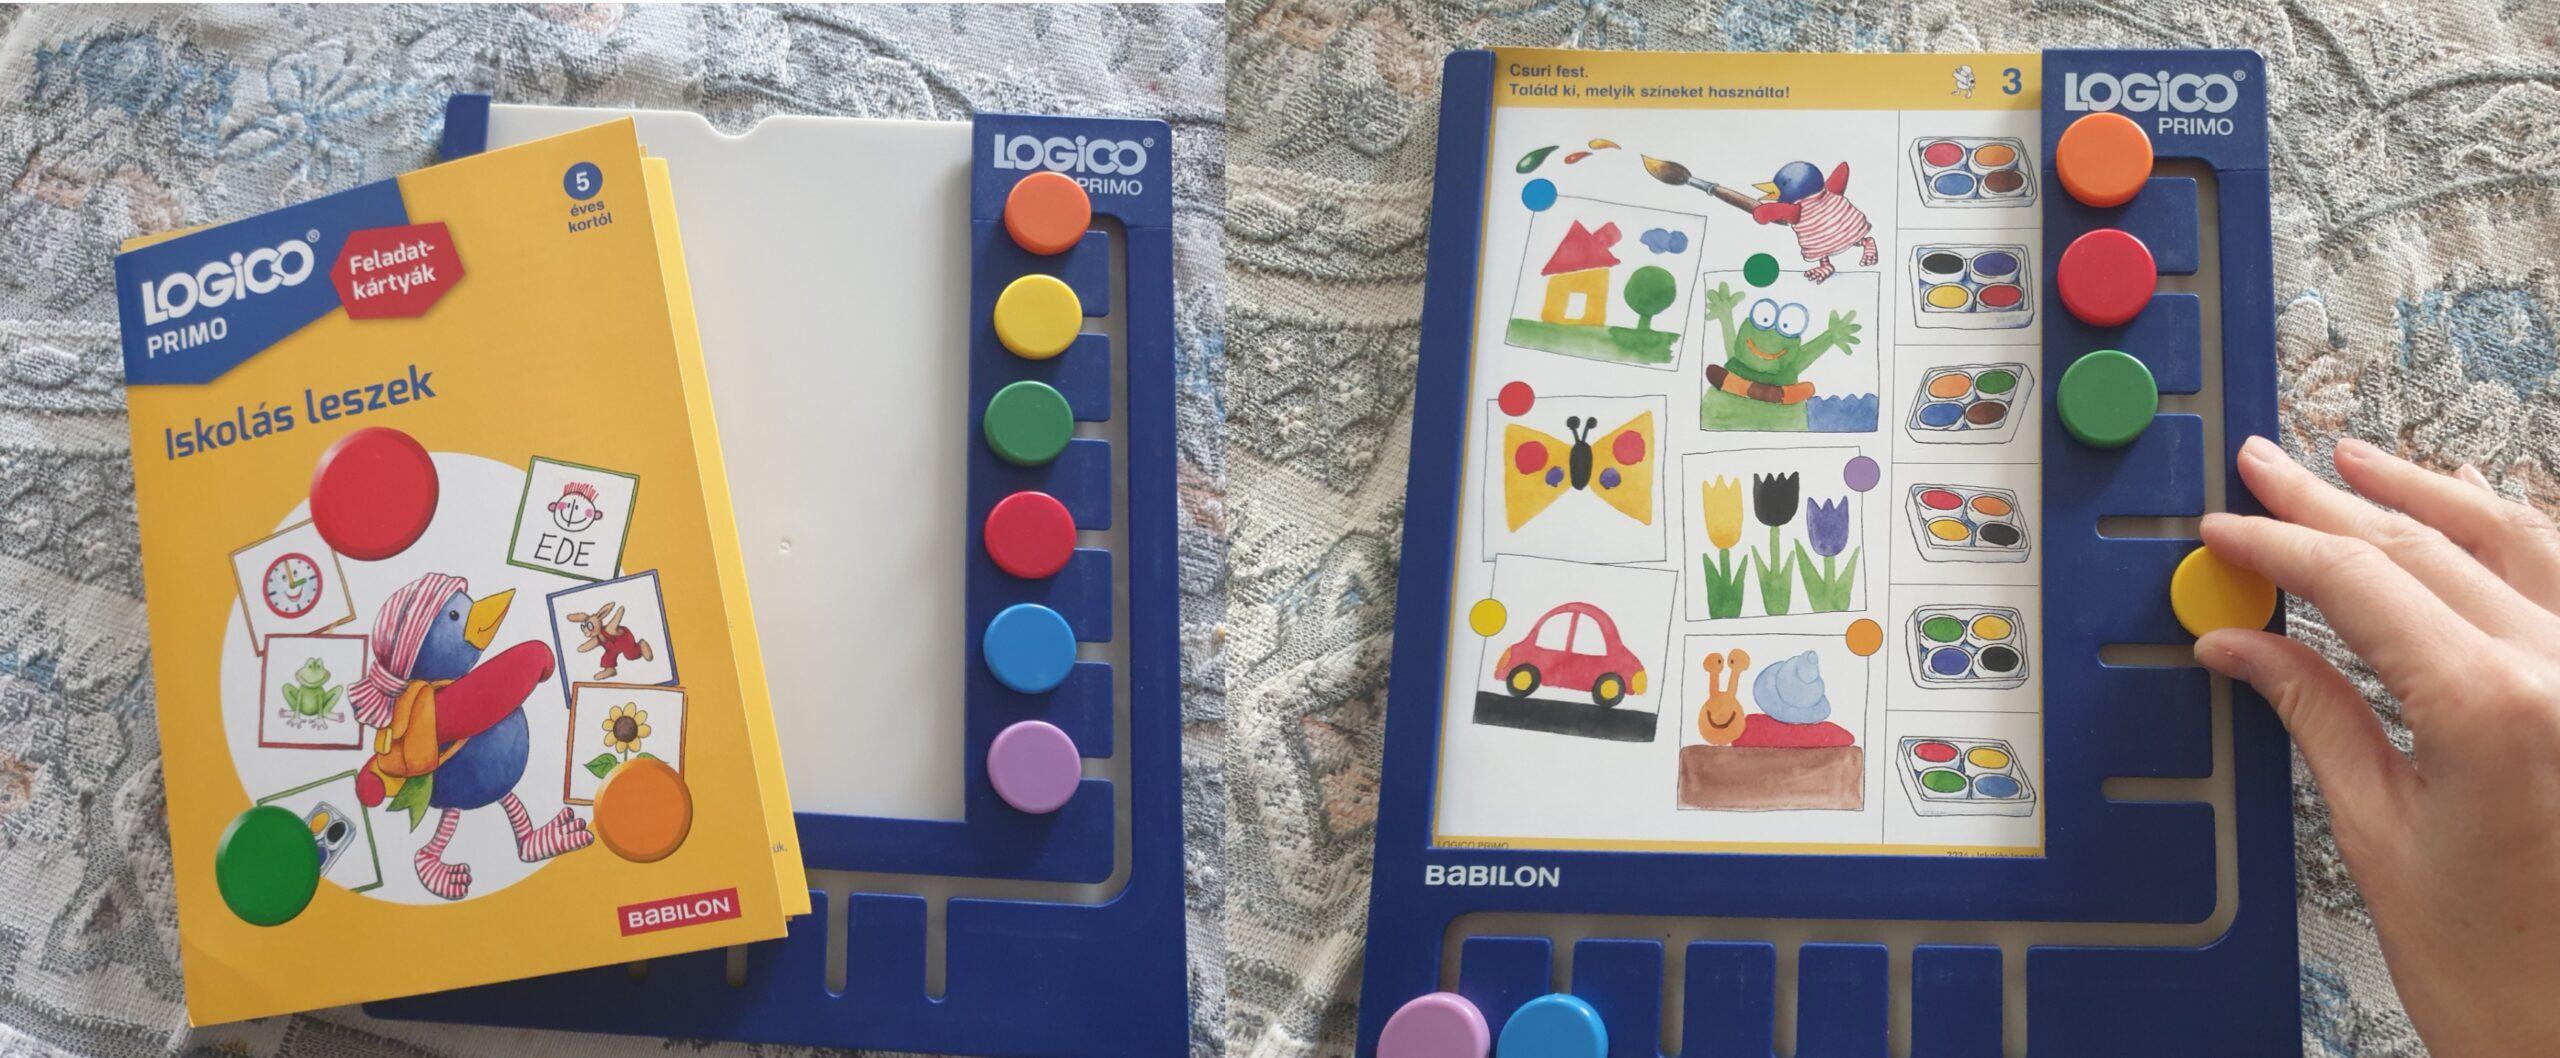 játékok, logikai játék, társasjáték, Logico primo